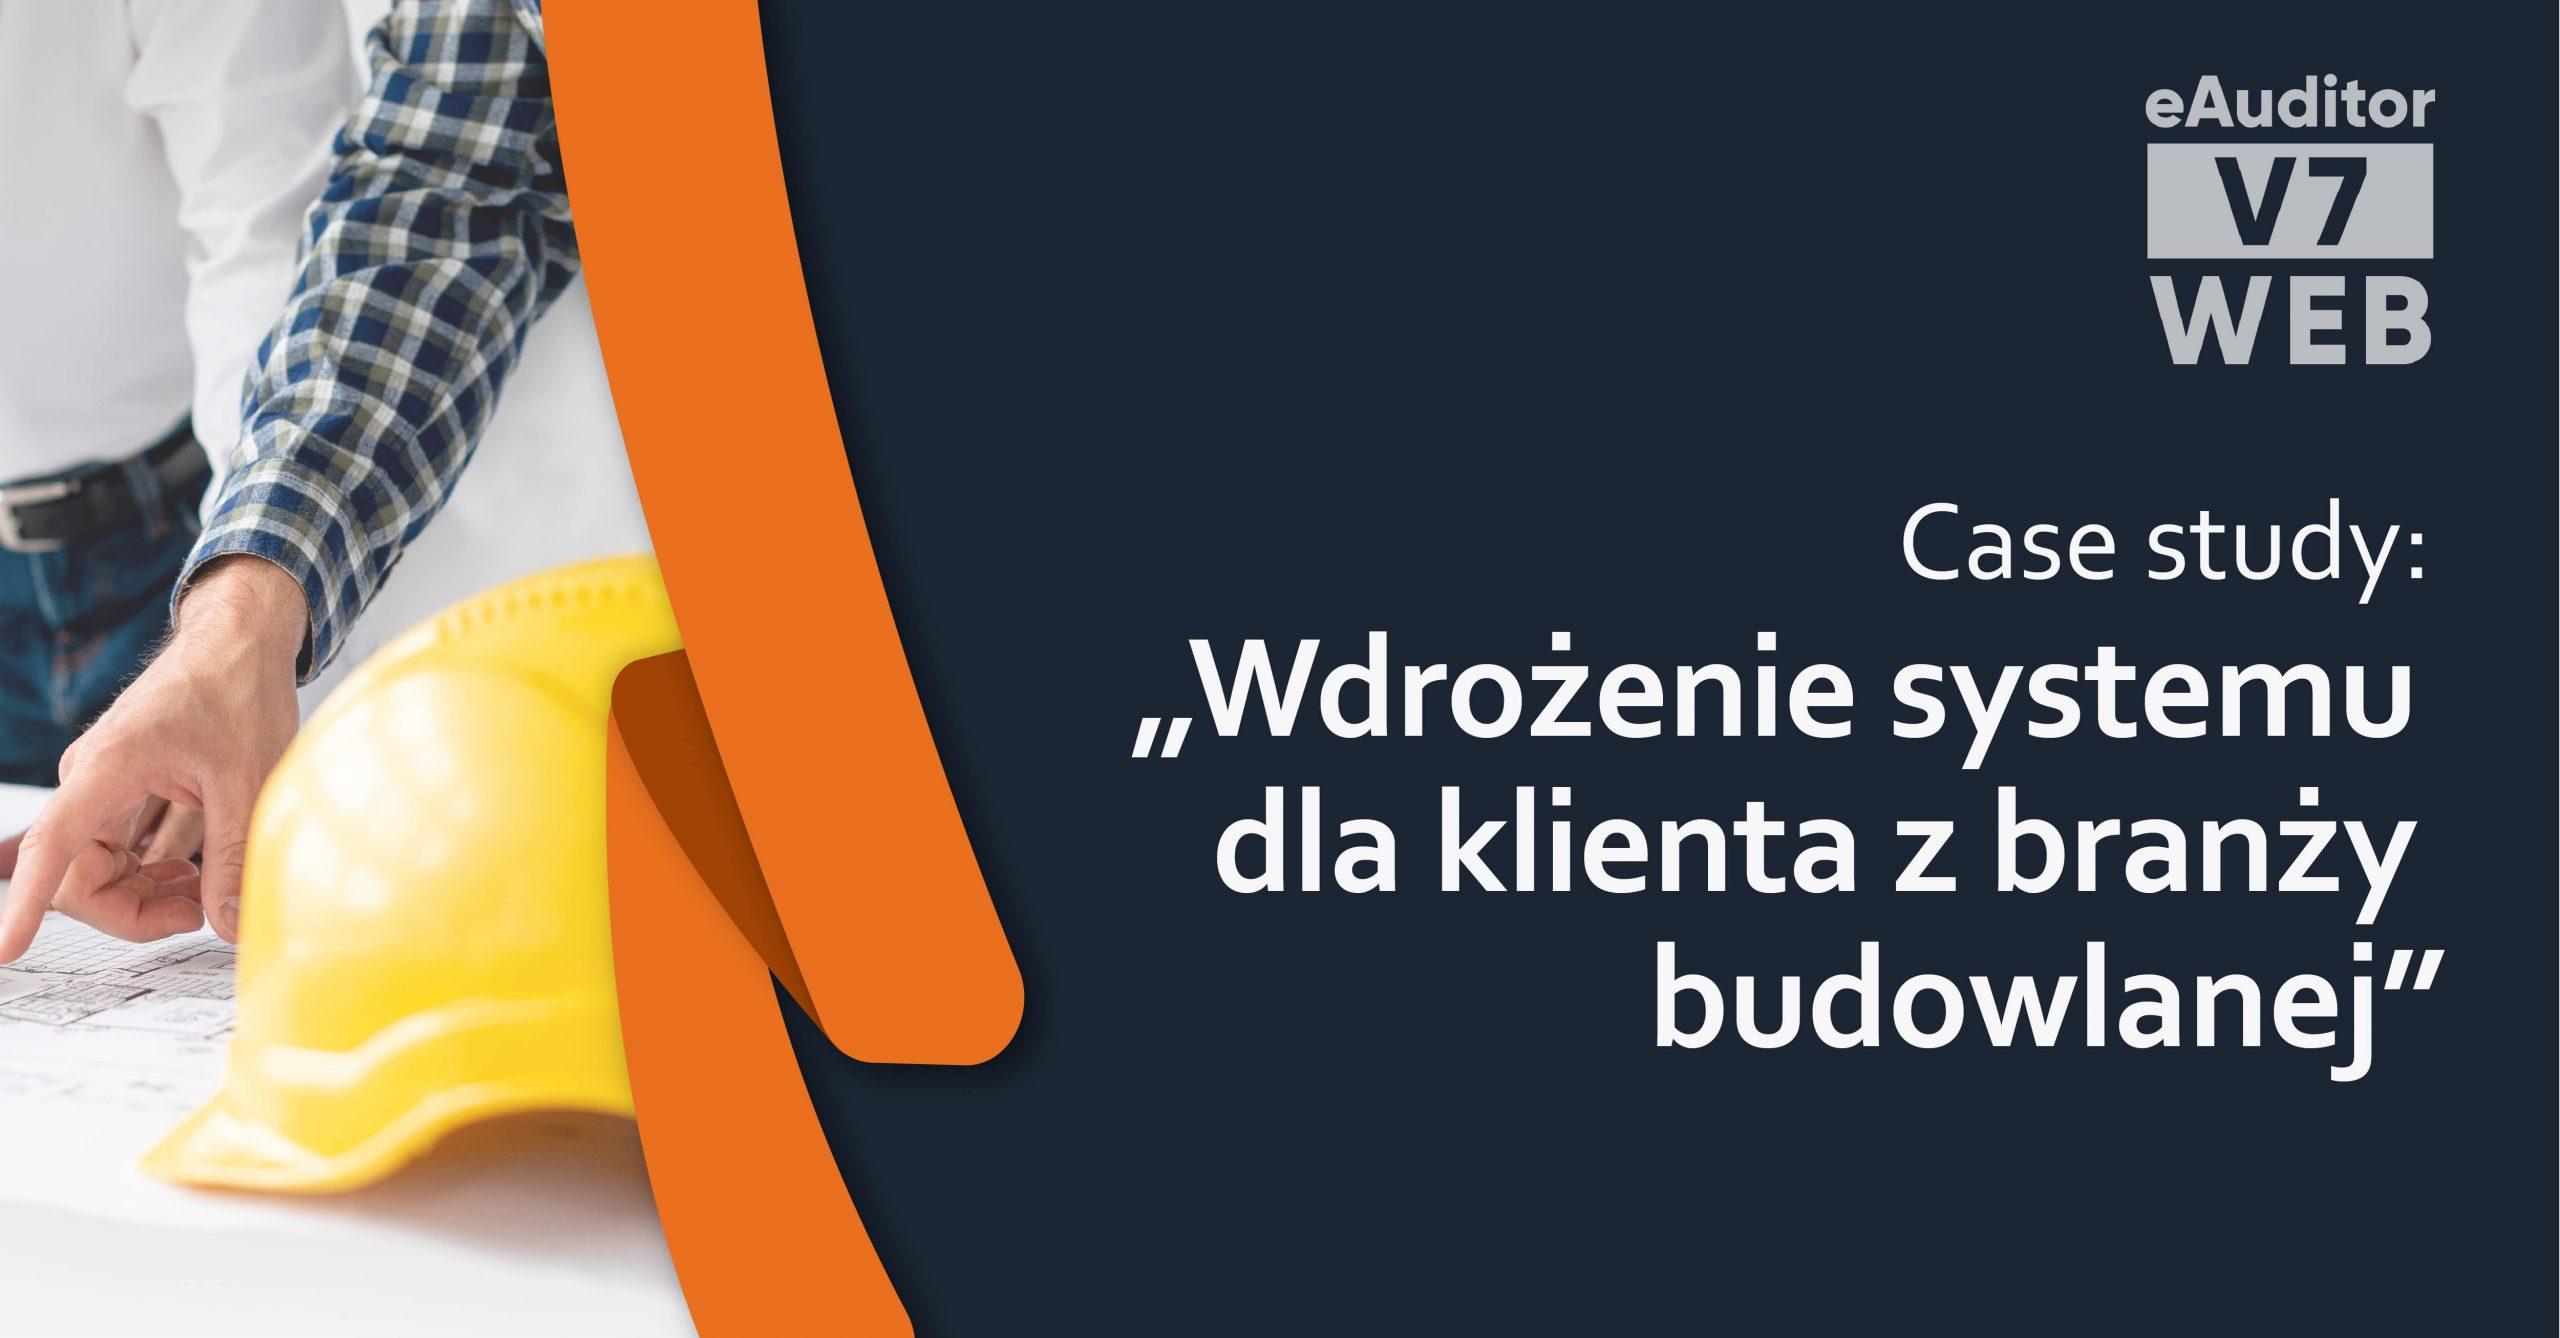 eAuditor V7 WEB - Case study - Wdrożenie systemu dla klienta z branży budowlanej